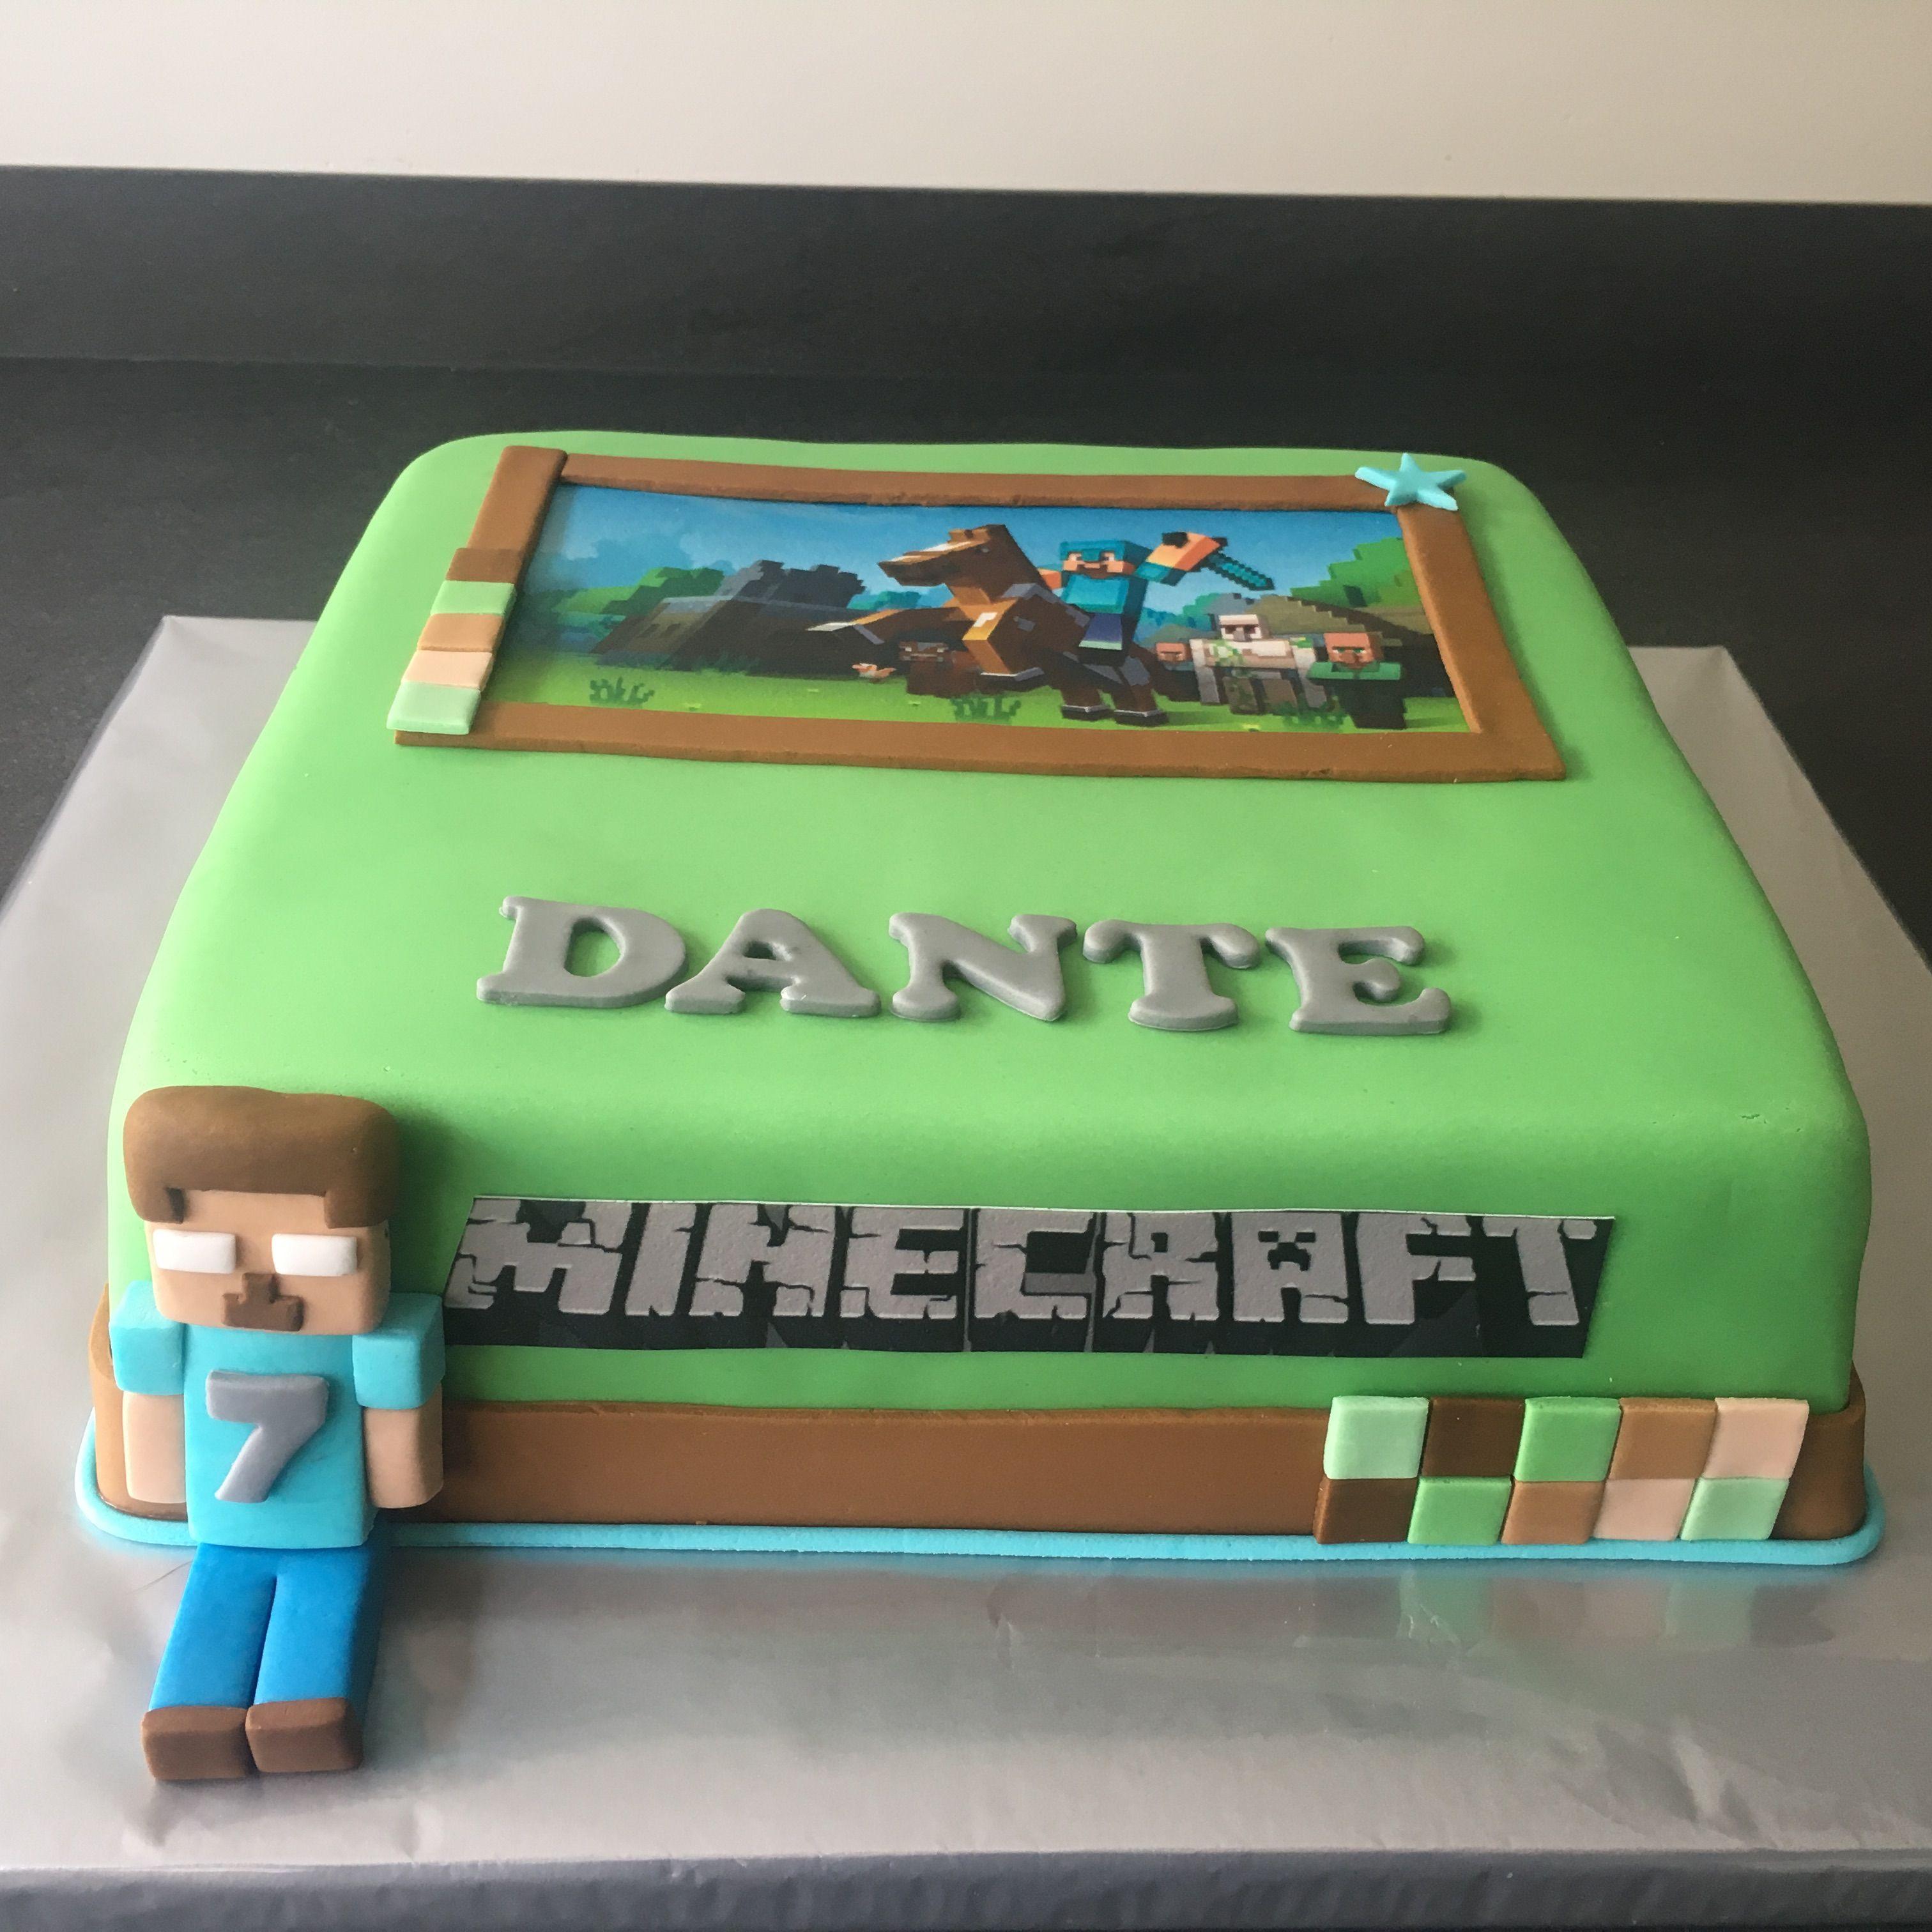 minecraft taart Minecraft taart   zelf gemaakte taarten   Pinterest minecraft taart